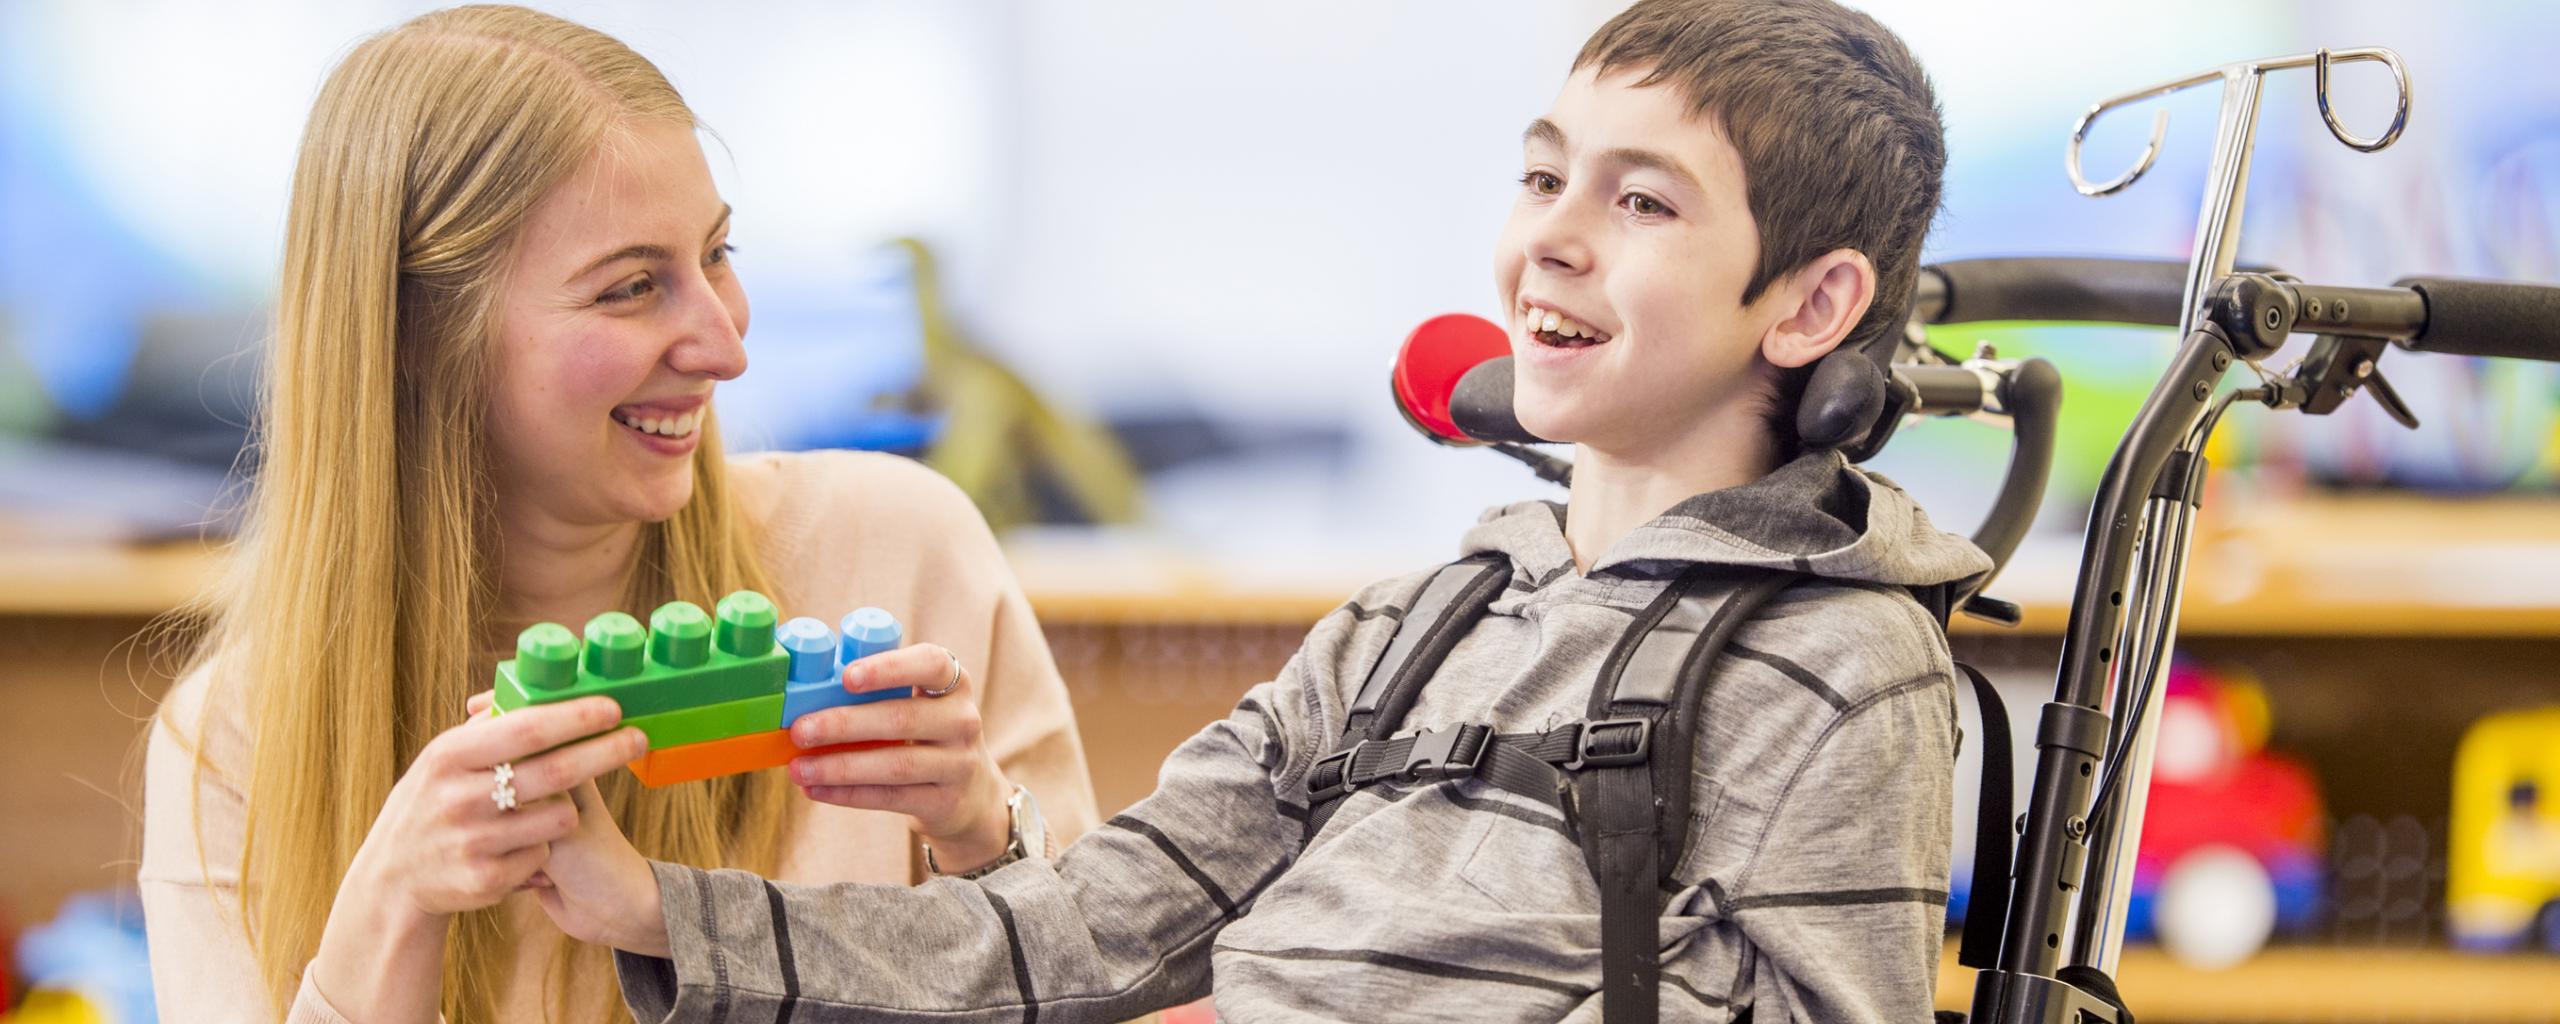 Teacher with boy in wheelchair